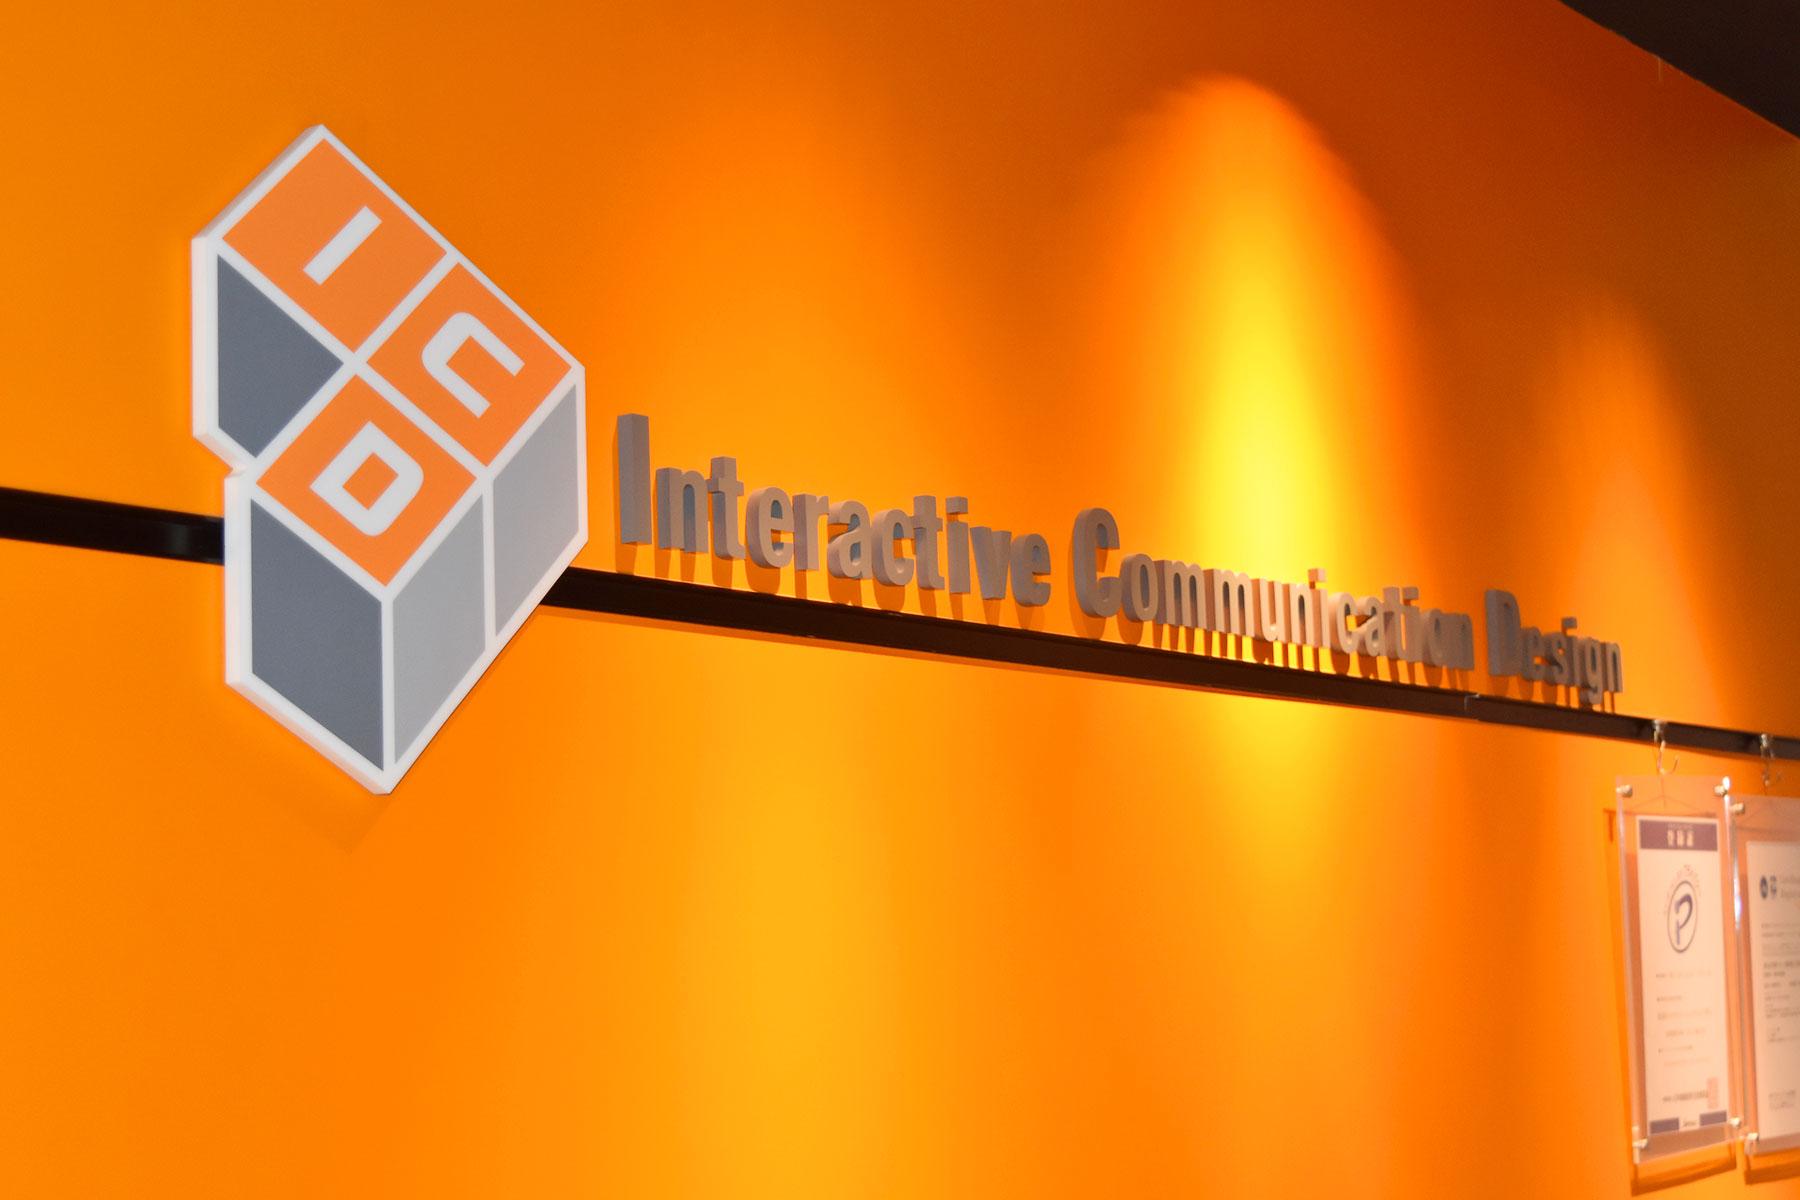 株式会社インタラクティブ・コミュニケーション・デザインのトップ画像